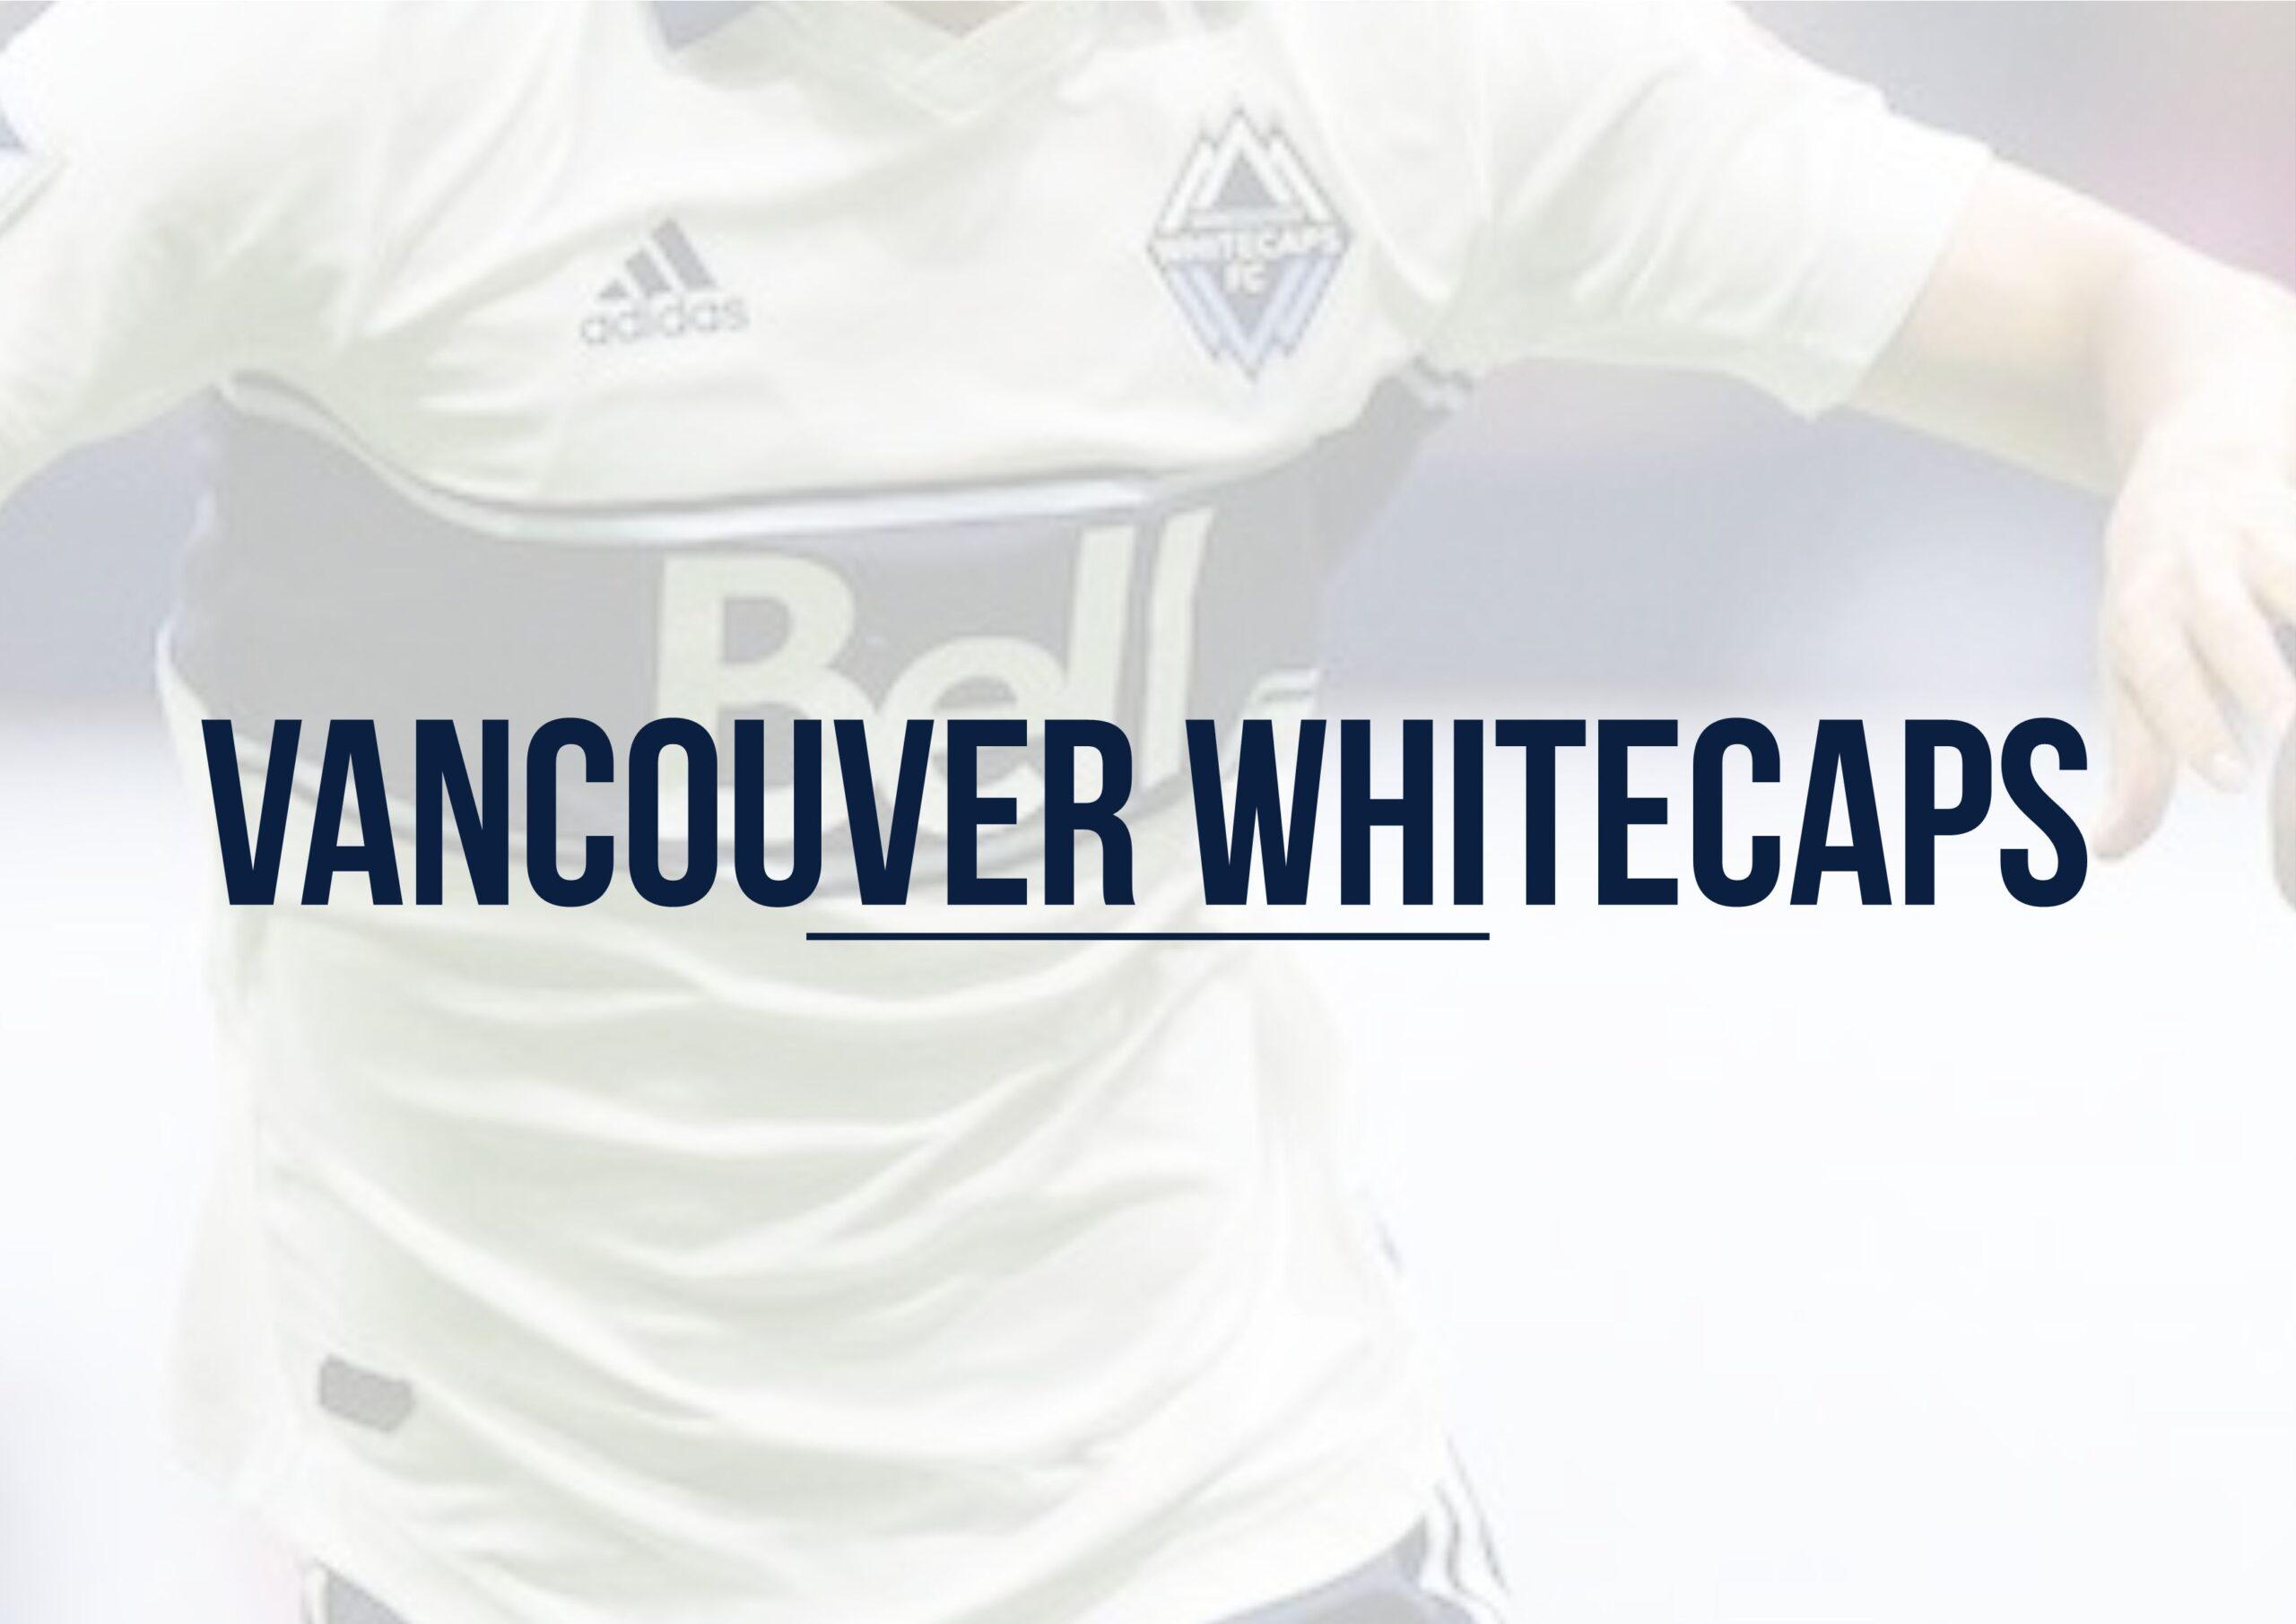 Vancouver Whitecaps | MLS Magazine Italia